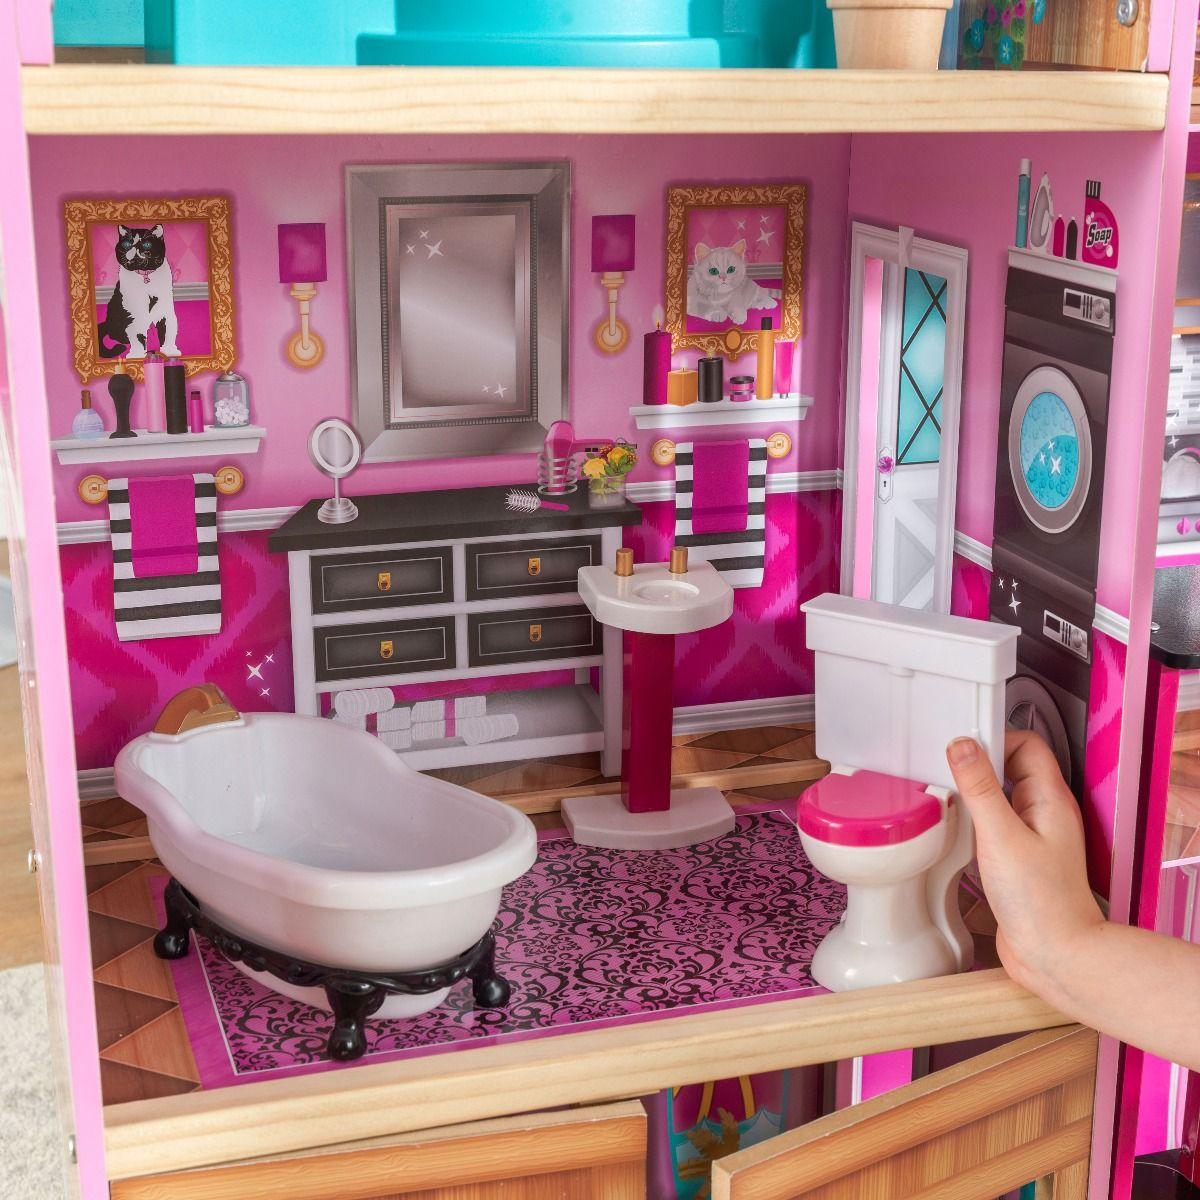 Kidkraft дървена къща за кукли- Самър- детски играчки за момичета(4)Kidkraft дървена къща за кукли- Самър- детски играчки за момичета(7)-bellamiestore